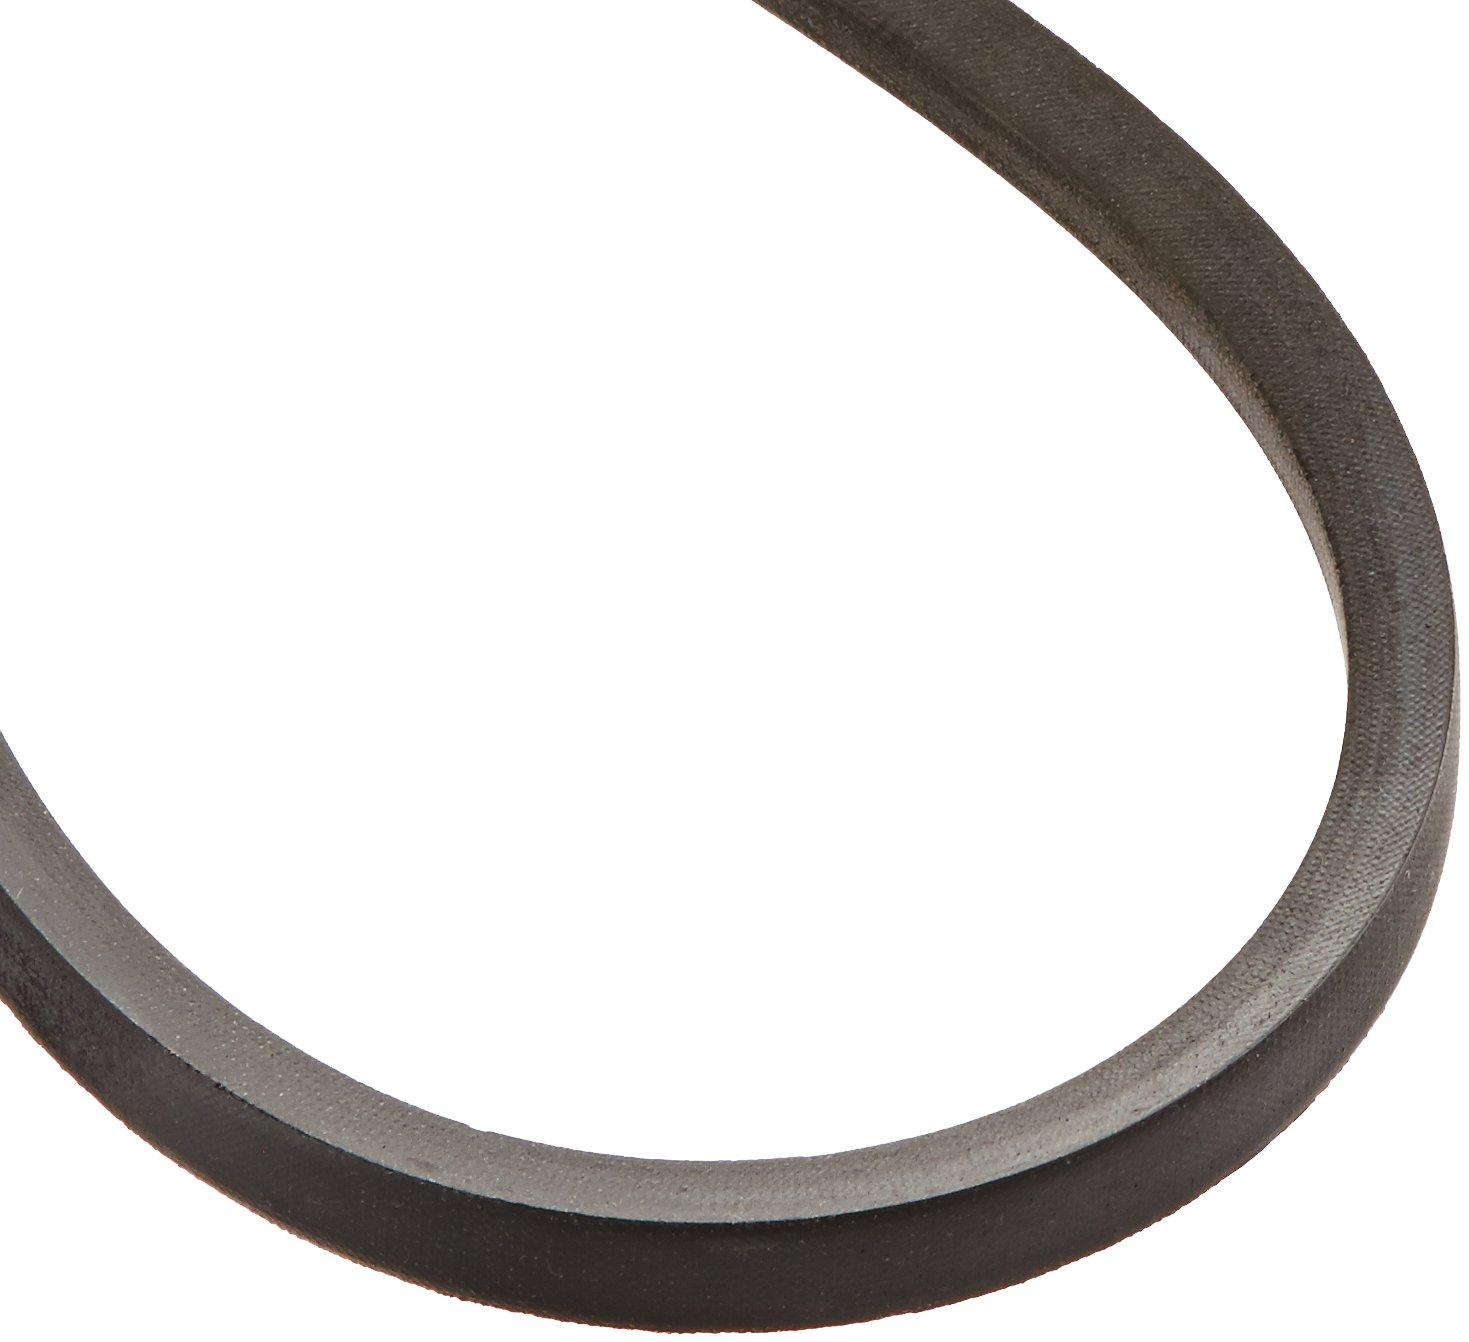 D/&D PowerDrive B120  5//8 x 123in  V-Belt